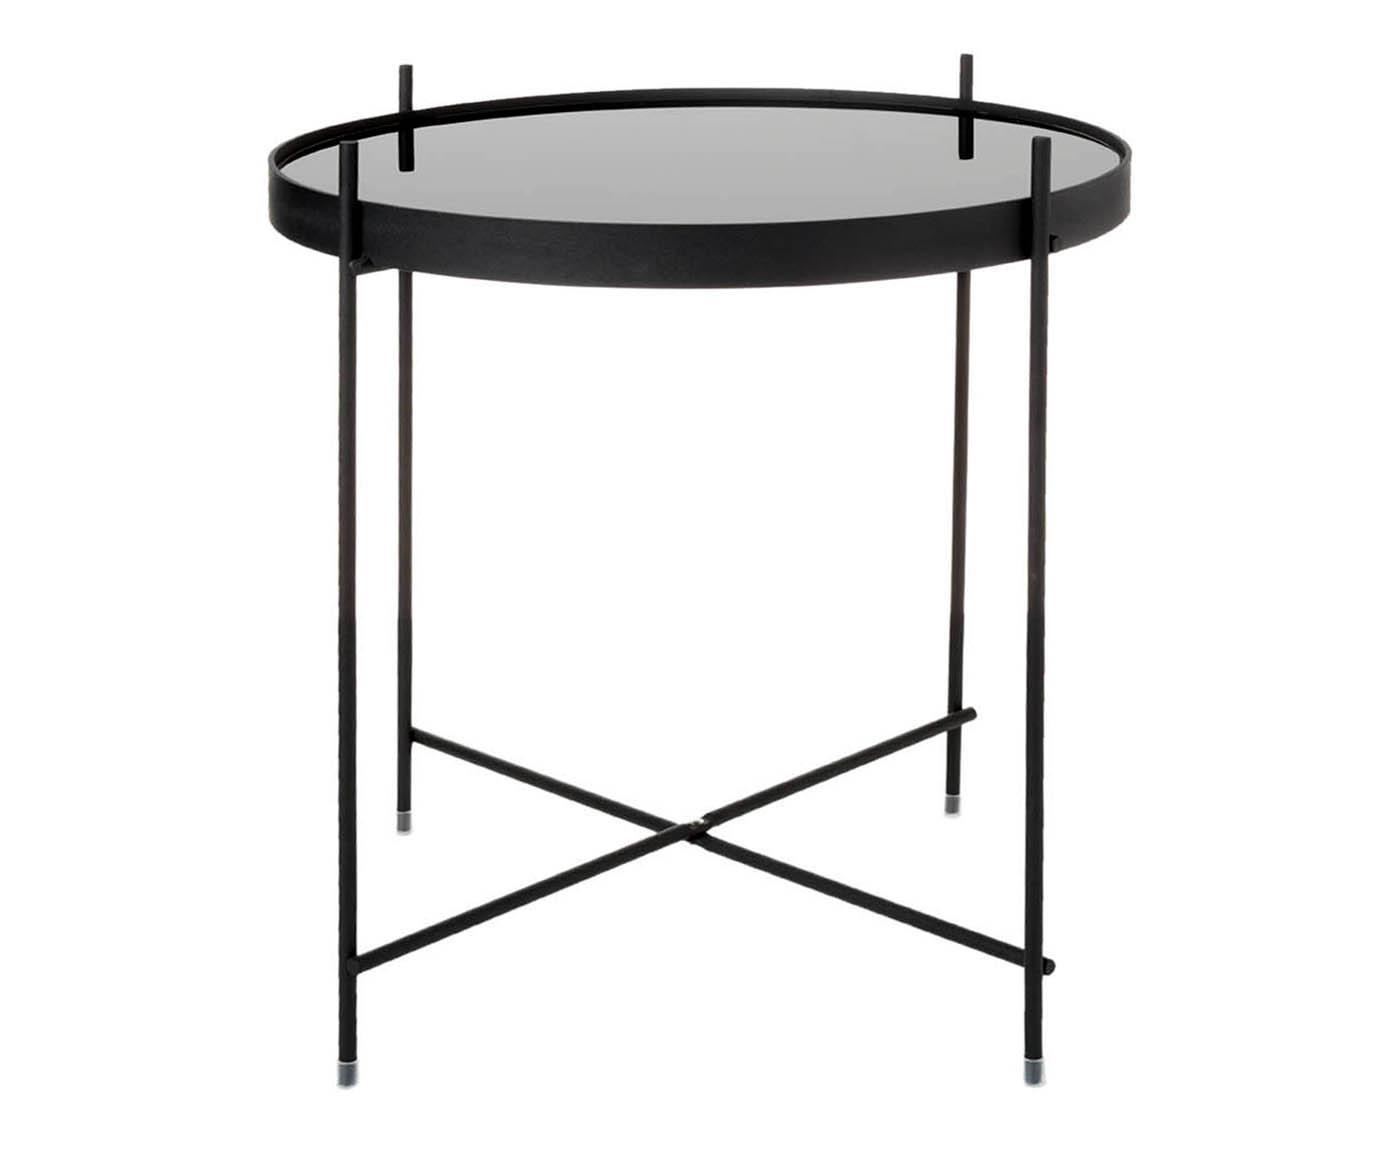 Mesa auxiliar con bandeja de cristal extraíble Cupid, Estructura: hierrocon pintado en polv, Tablero: vidrio negro, Negro, Ø 43 x Al 45 cm